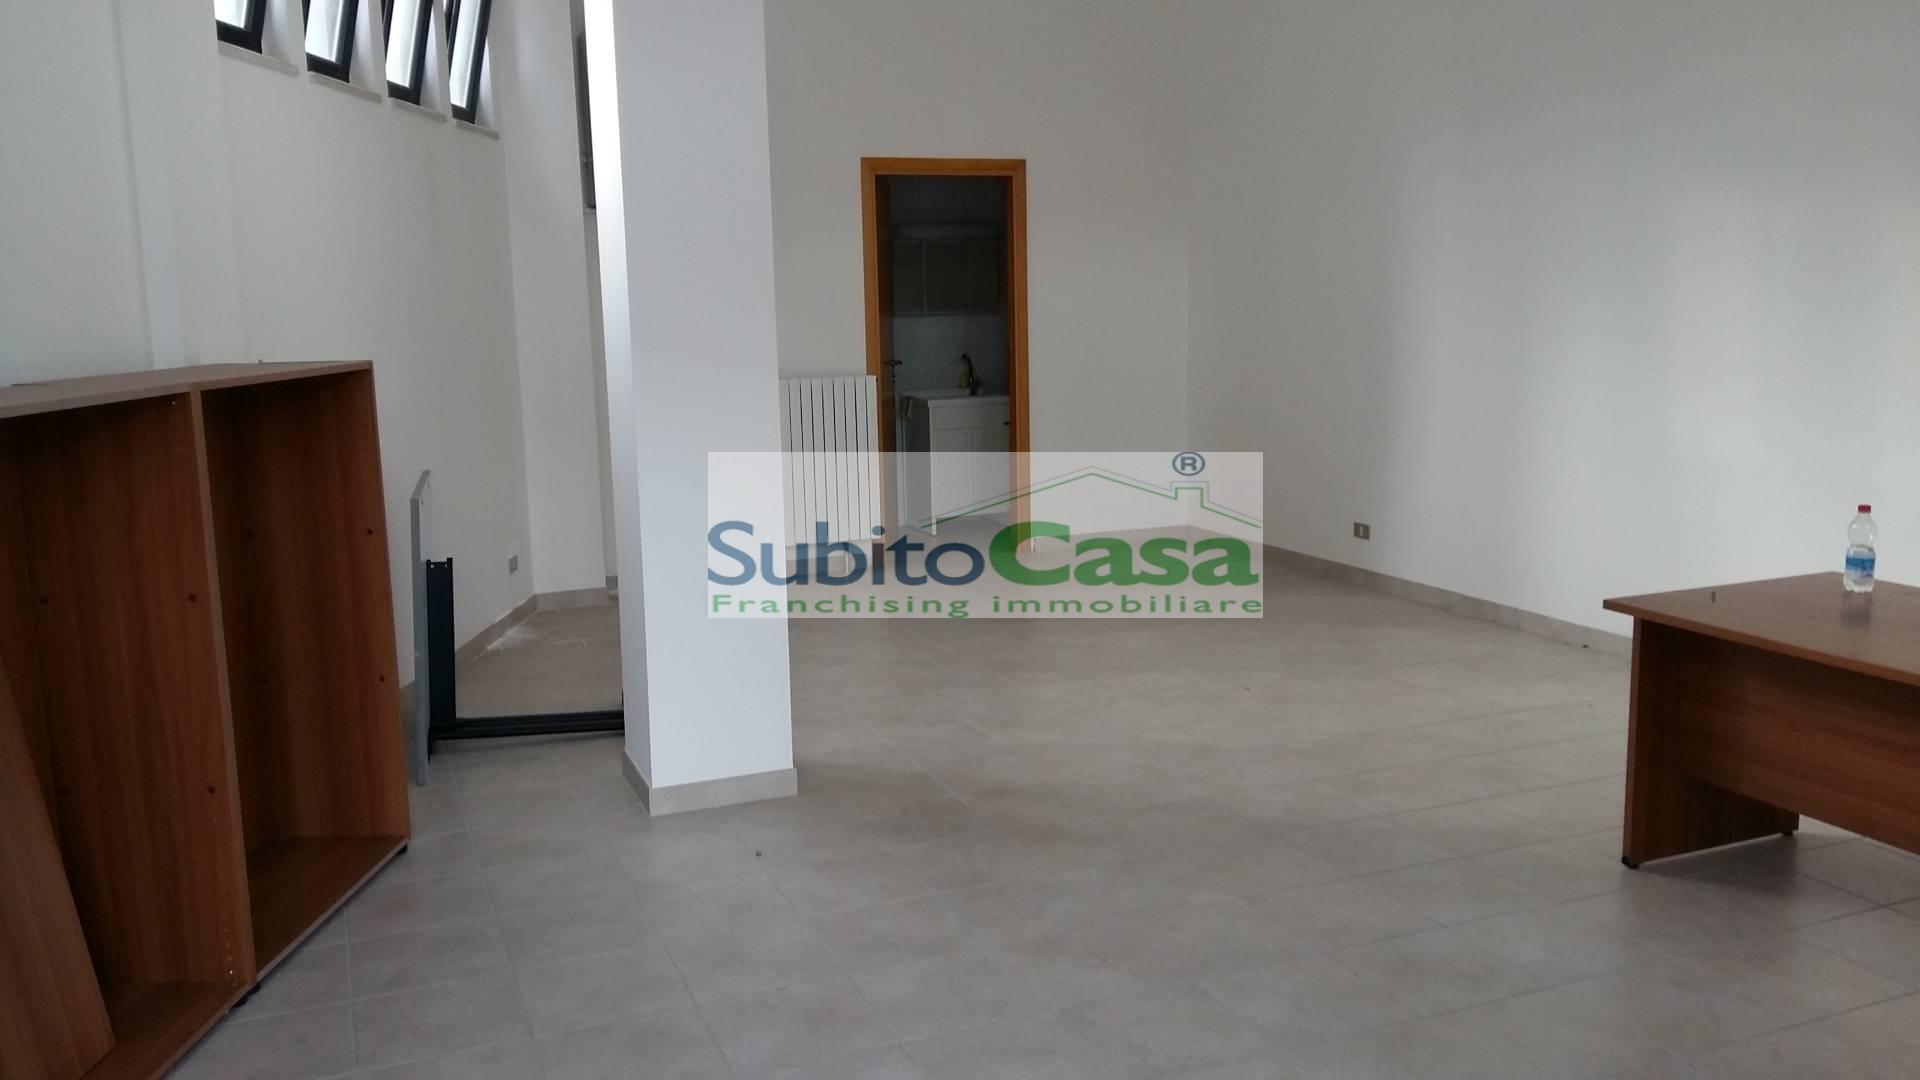 Negozio / Locale in vendita a Chieti, 9999 locali, zona Località: ChietiScaloZonaStazione, prezzo € 98.000 | Cambio Casa.it